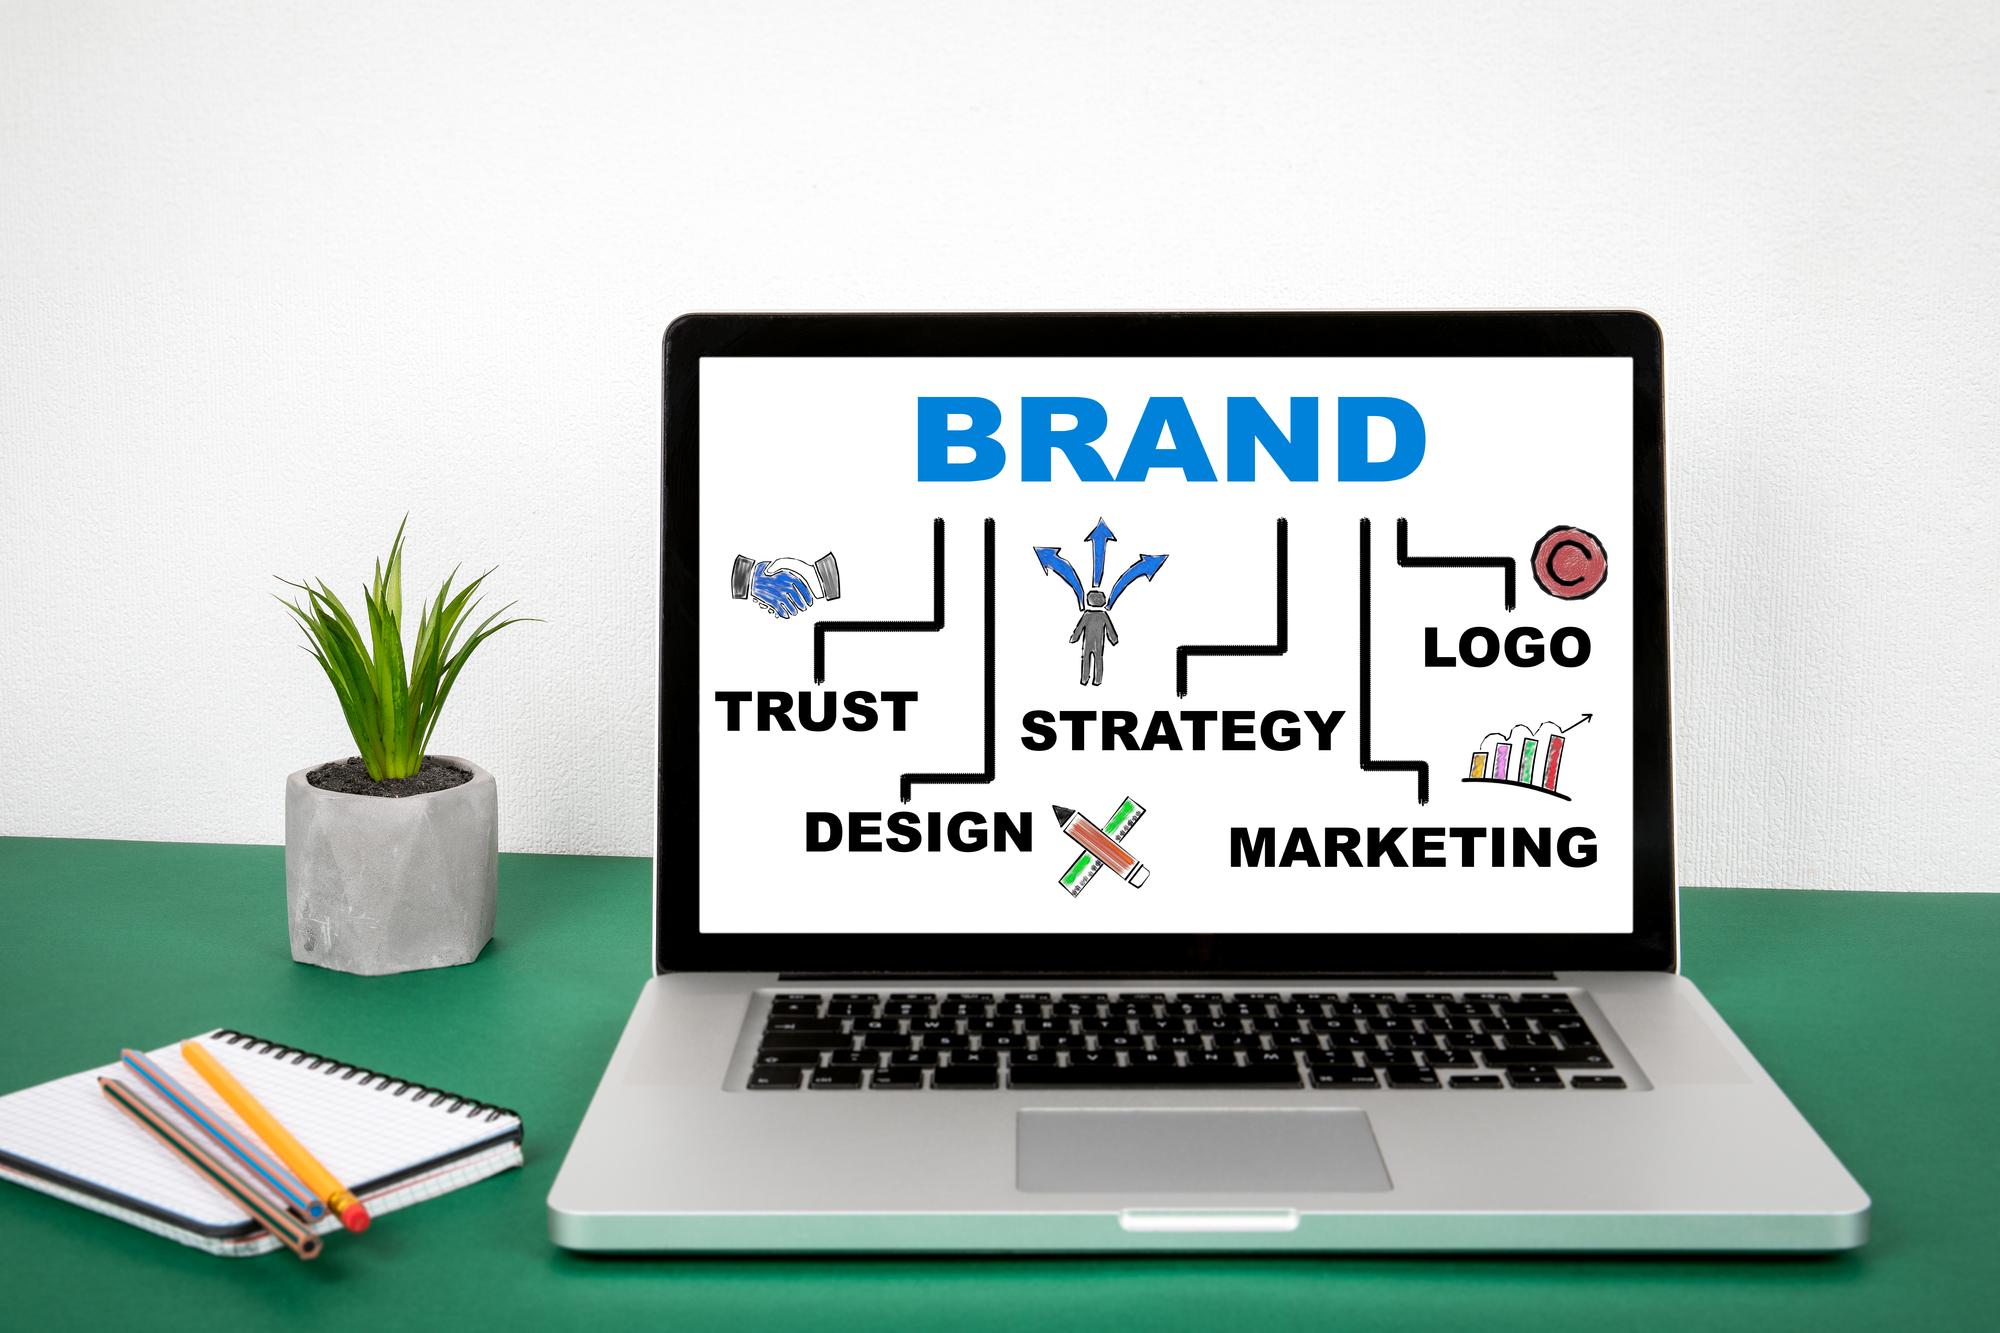 印象に残るブランドの作り方とは?揺るぎないブランドを築くための入門ガイド